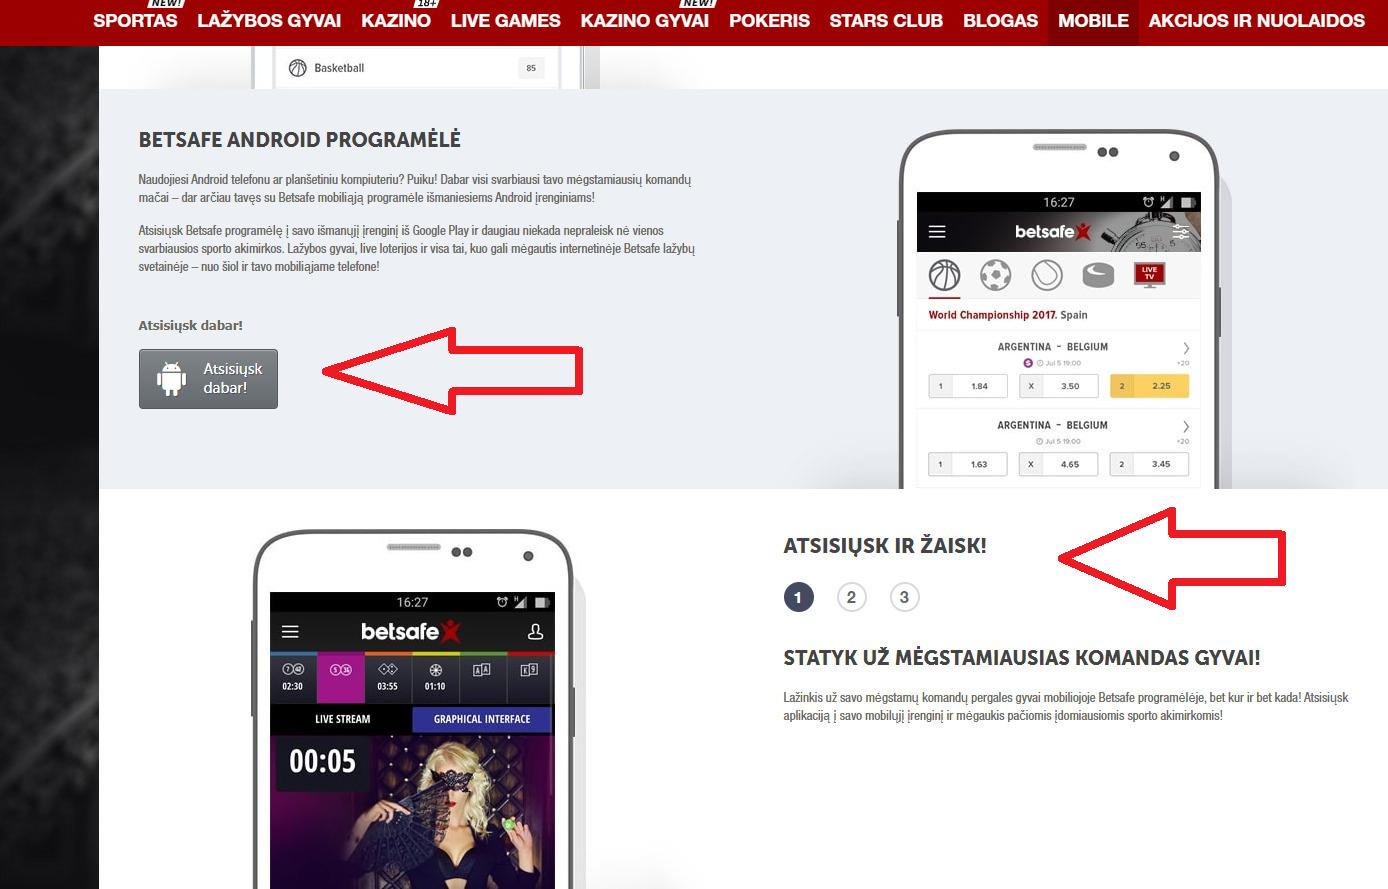 Kādas priekšrocības var iegūt, izmantojot Betsafe mobile versiju